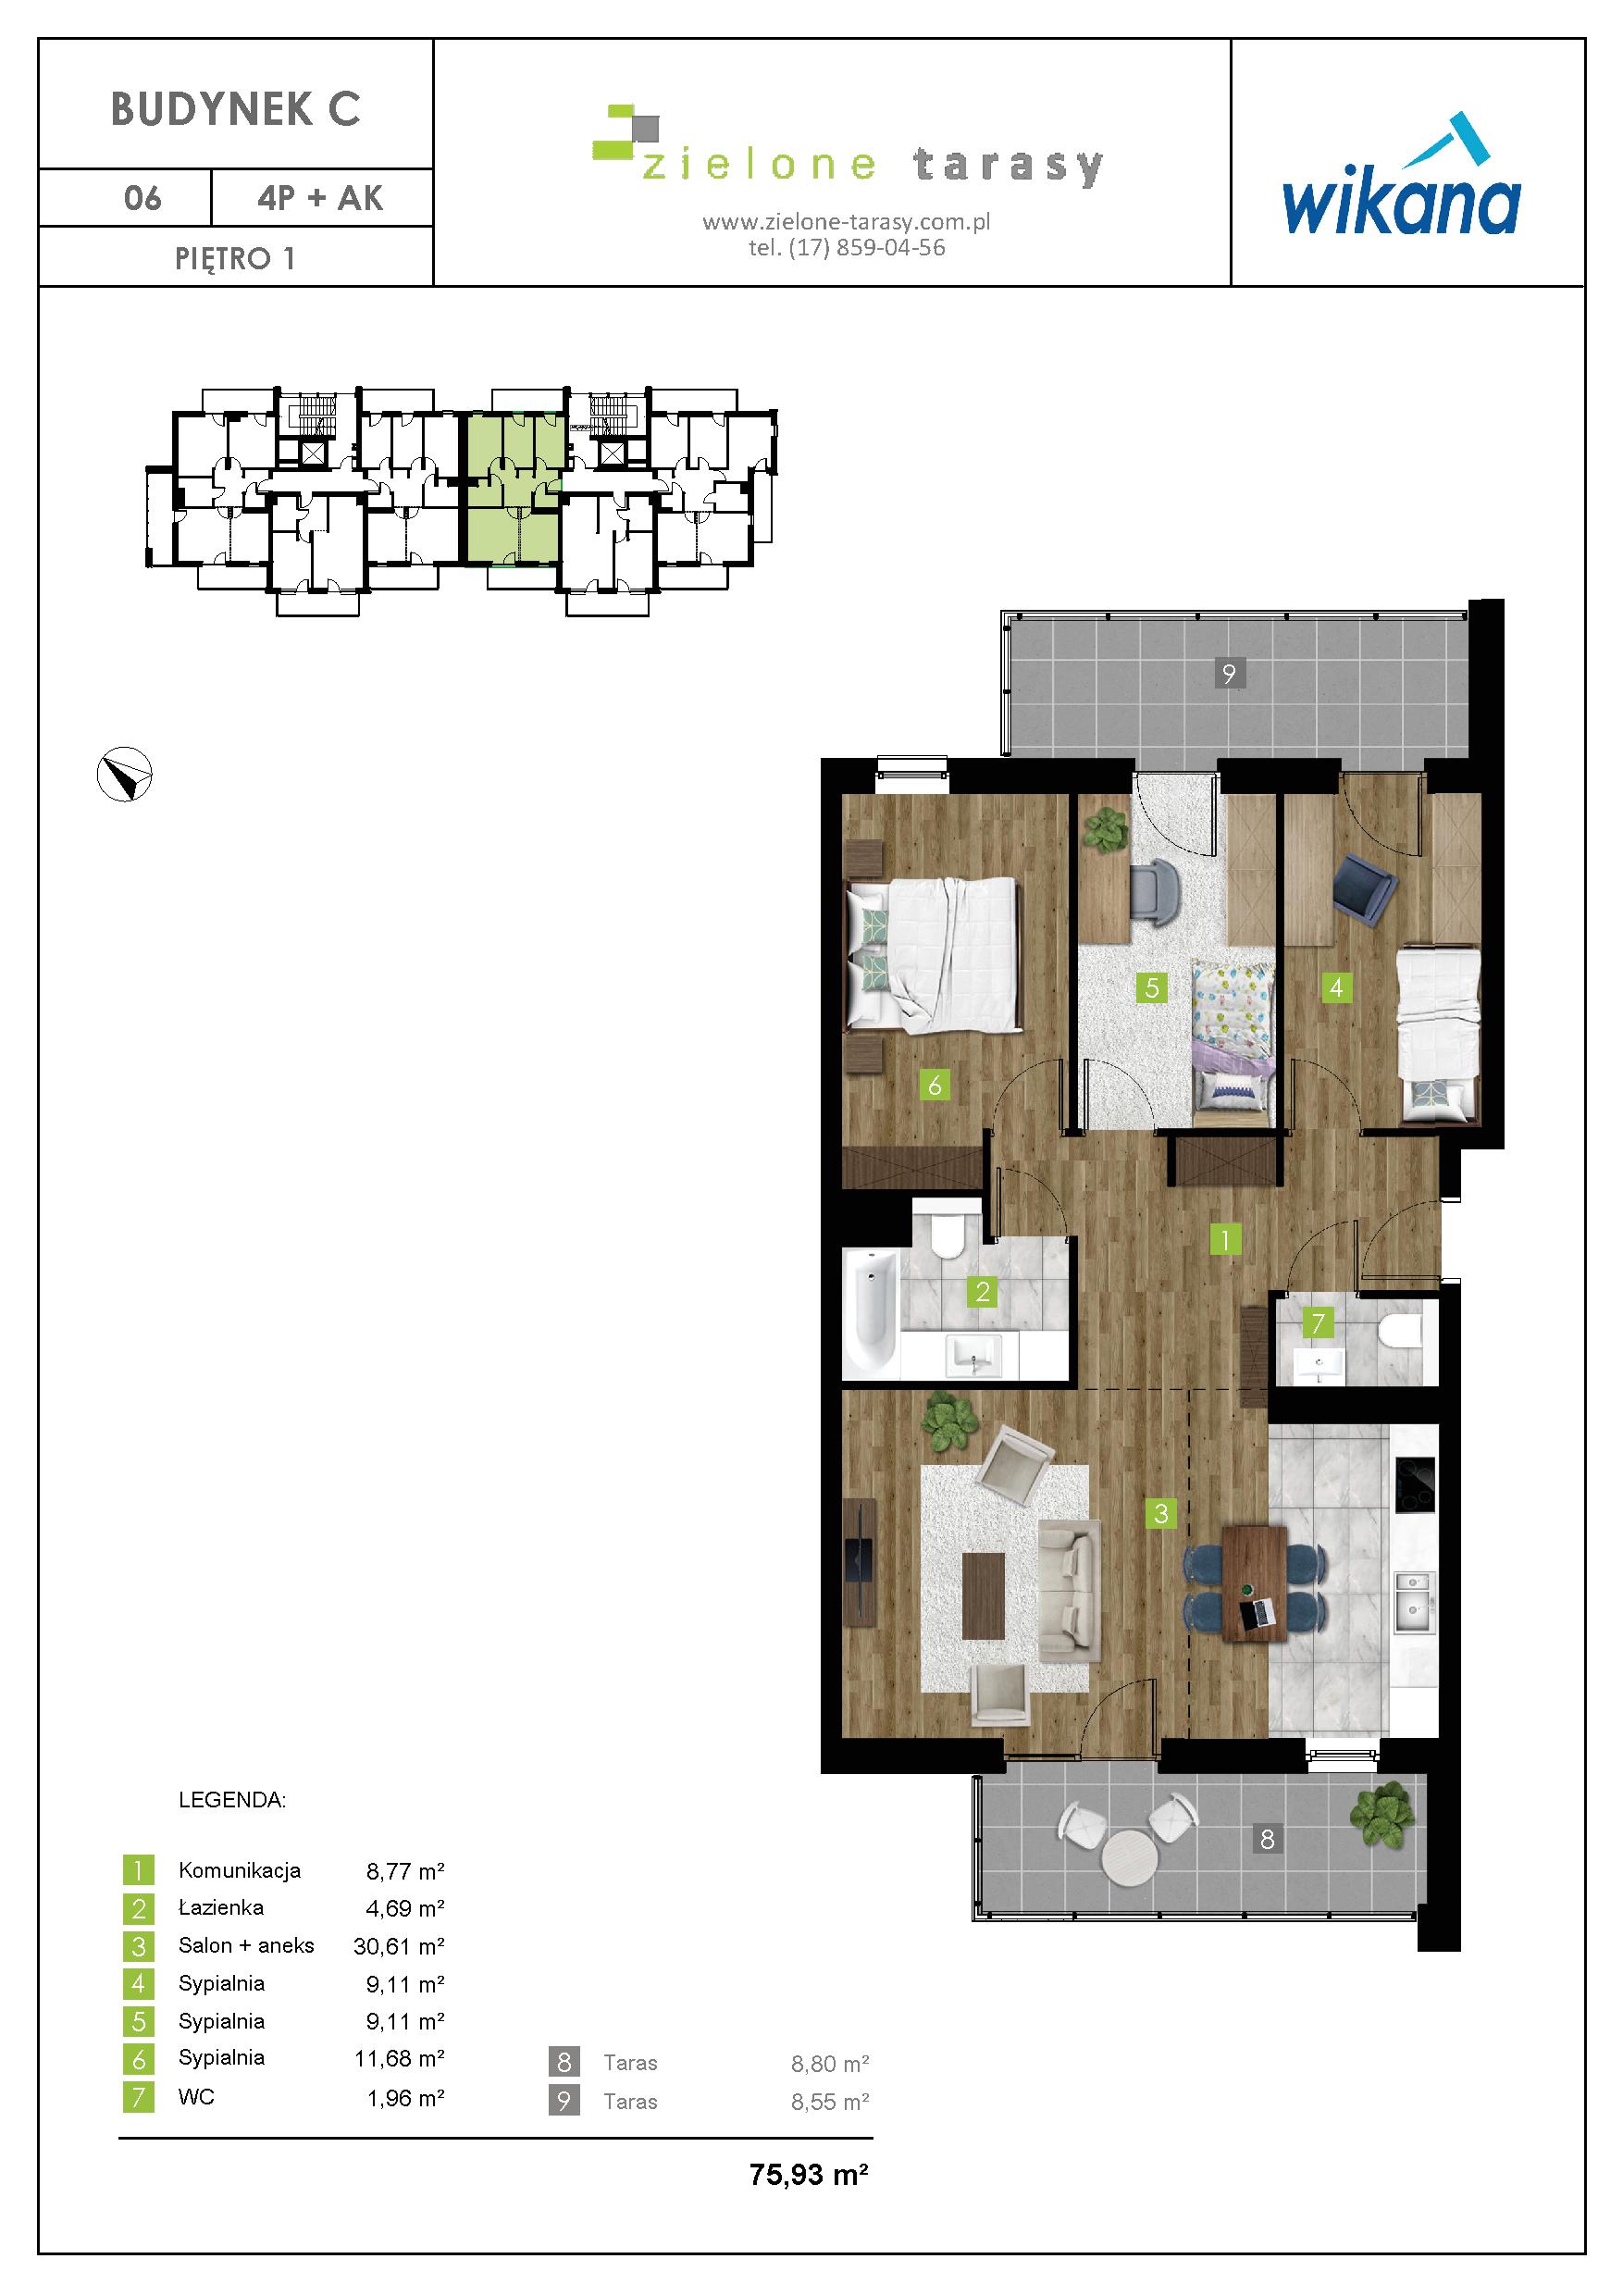 sprzedaż mieszkań rzeszów - C-06